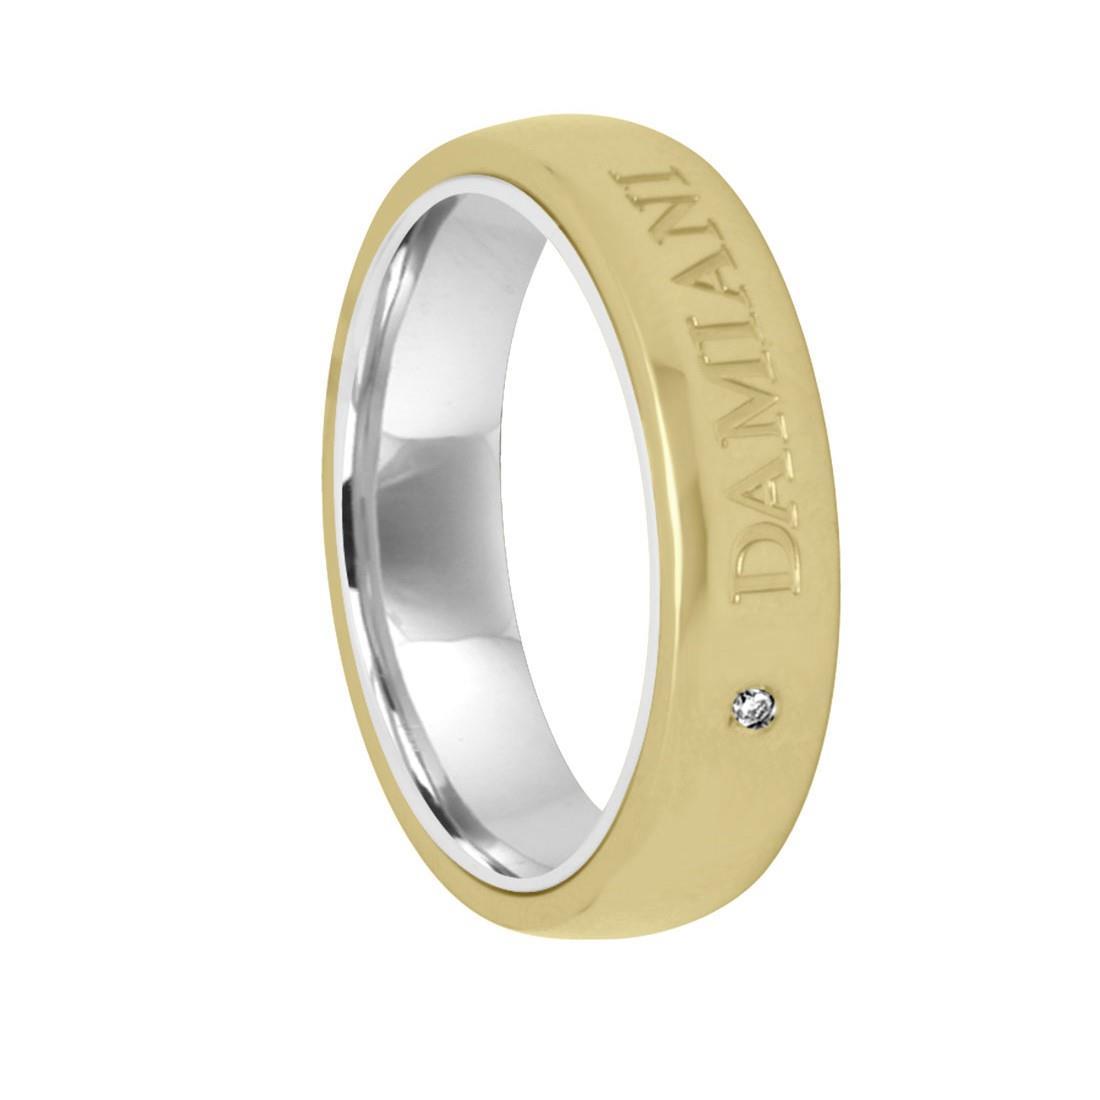 Anello in oro giallo e bianco con diamante ct 0.02, misura 20 - DAMIANI